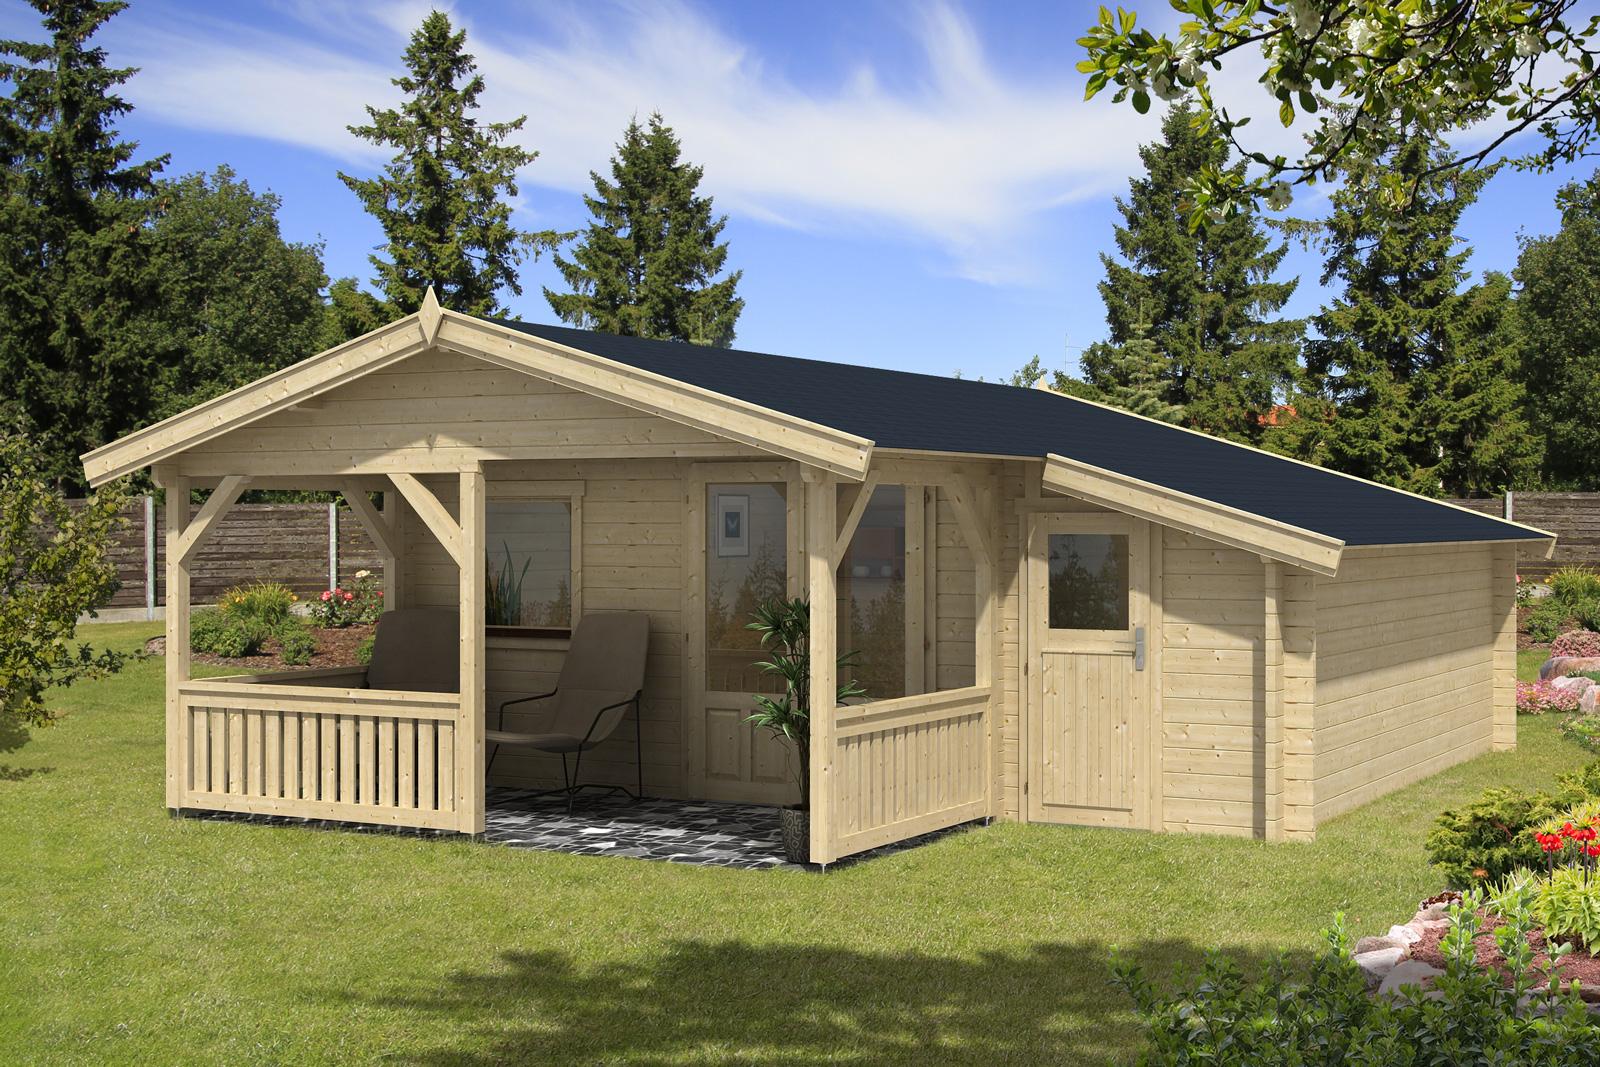 gartenhaus flex 50 c mit 200cm terrasse anbau 4x5 2z. Black Bedroom Furniture Sets. Home Design Ideas